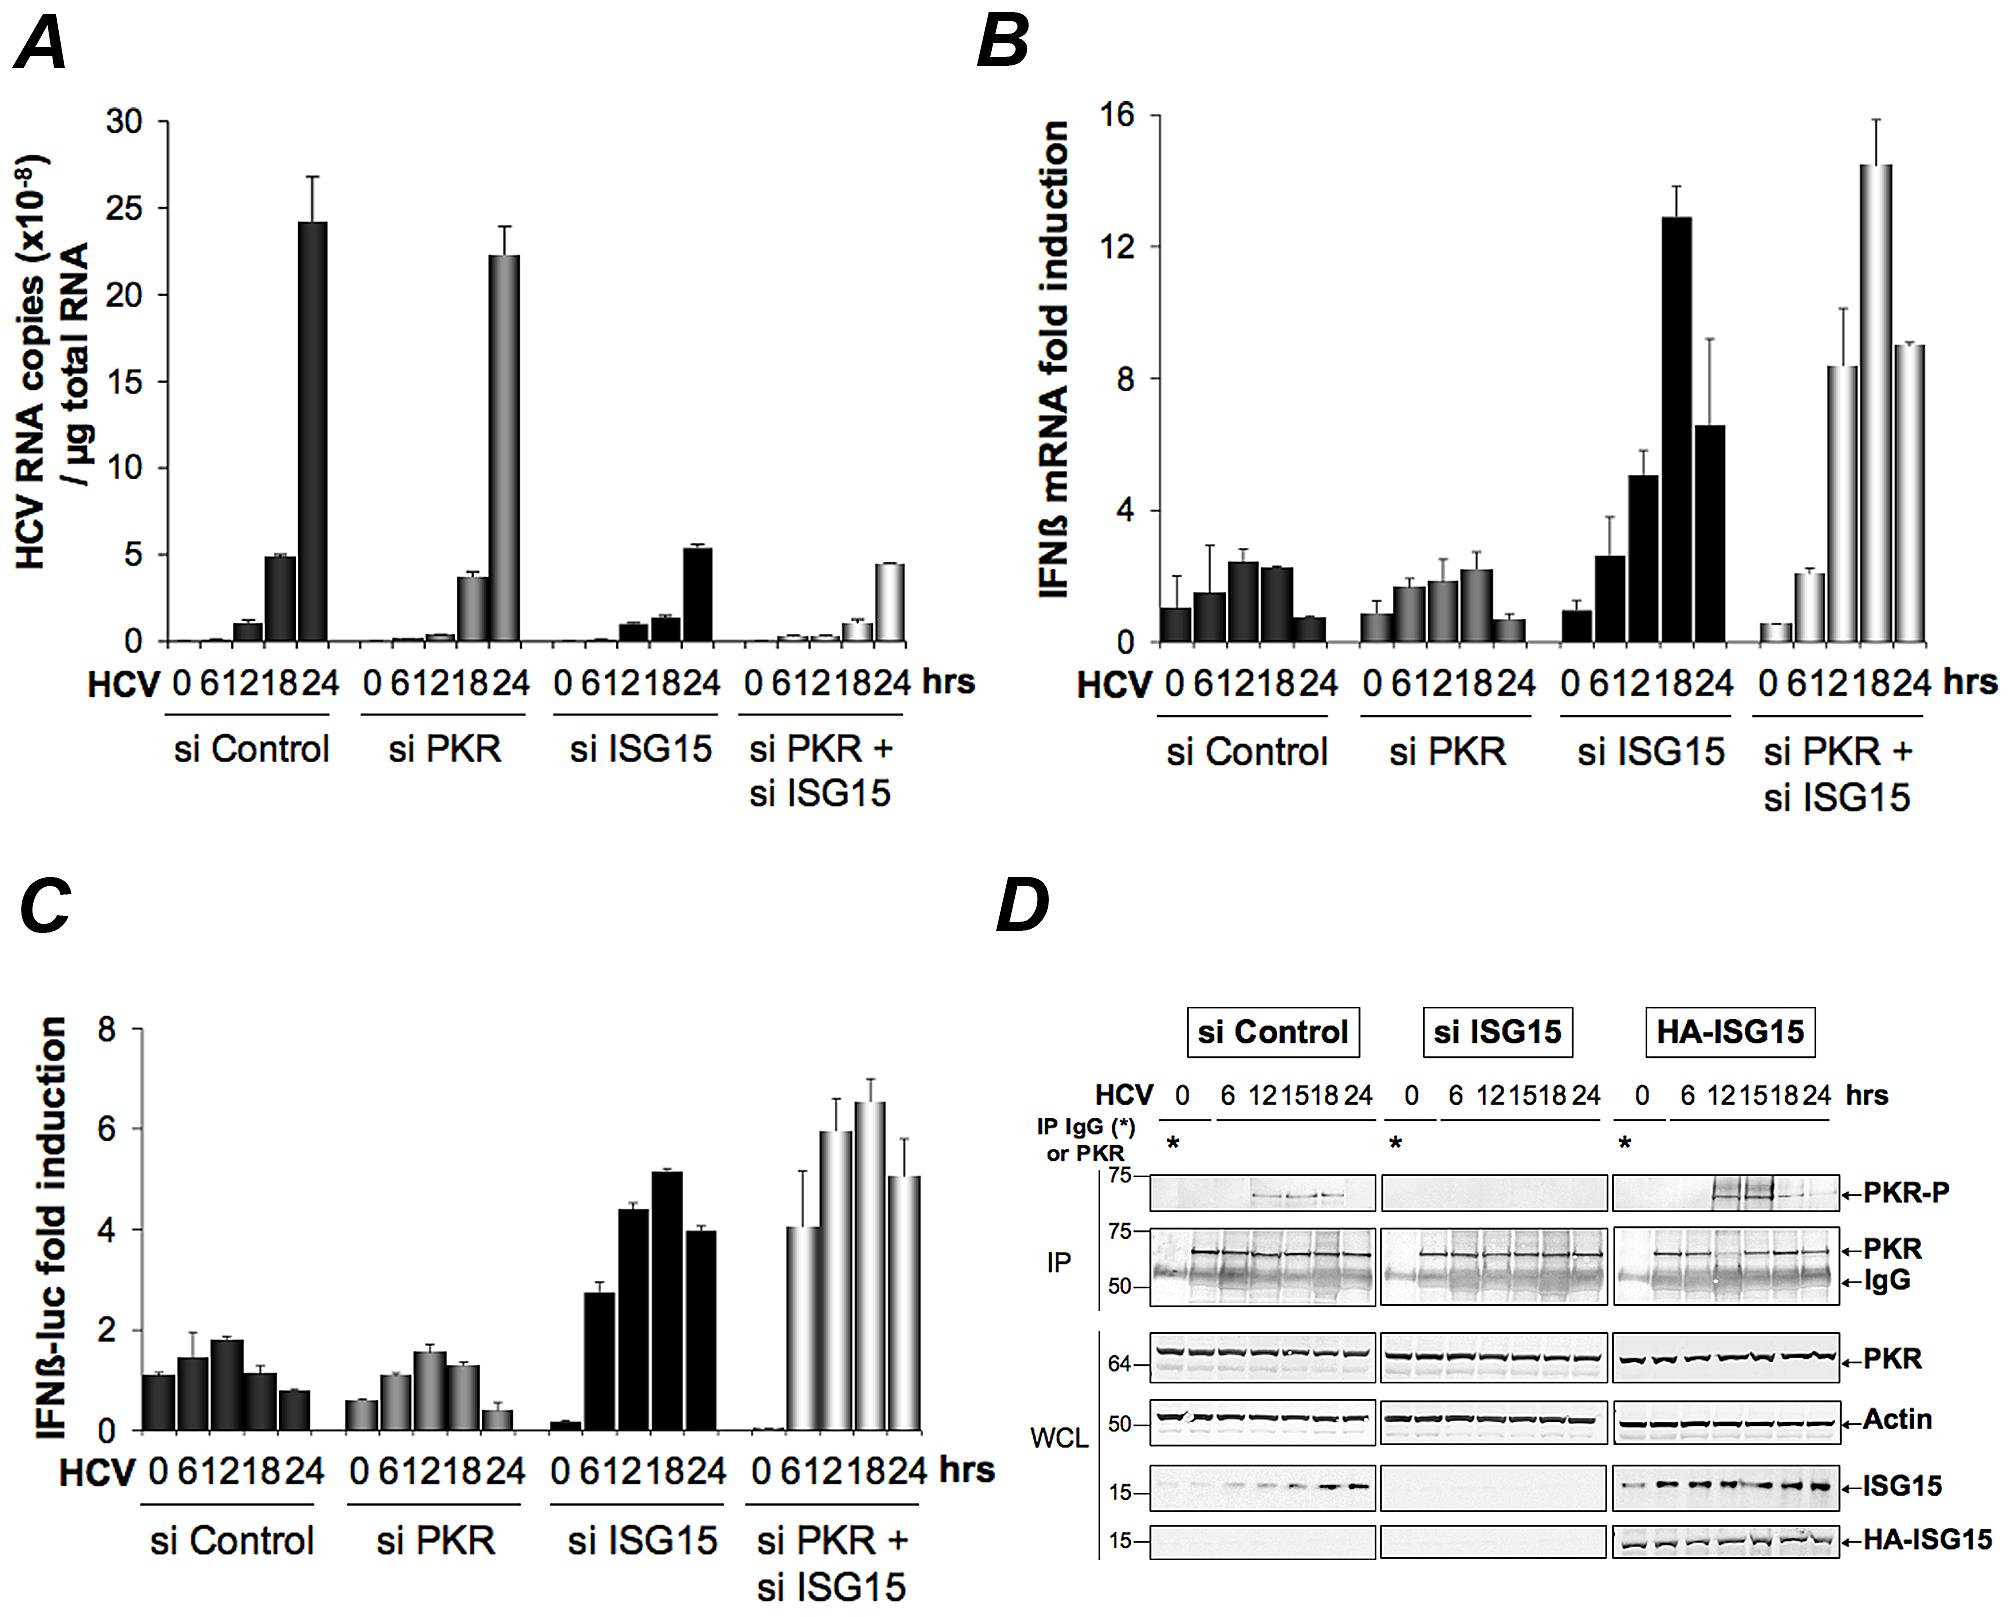 ISG15 strengthens the pro-HCV activity of PKR.